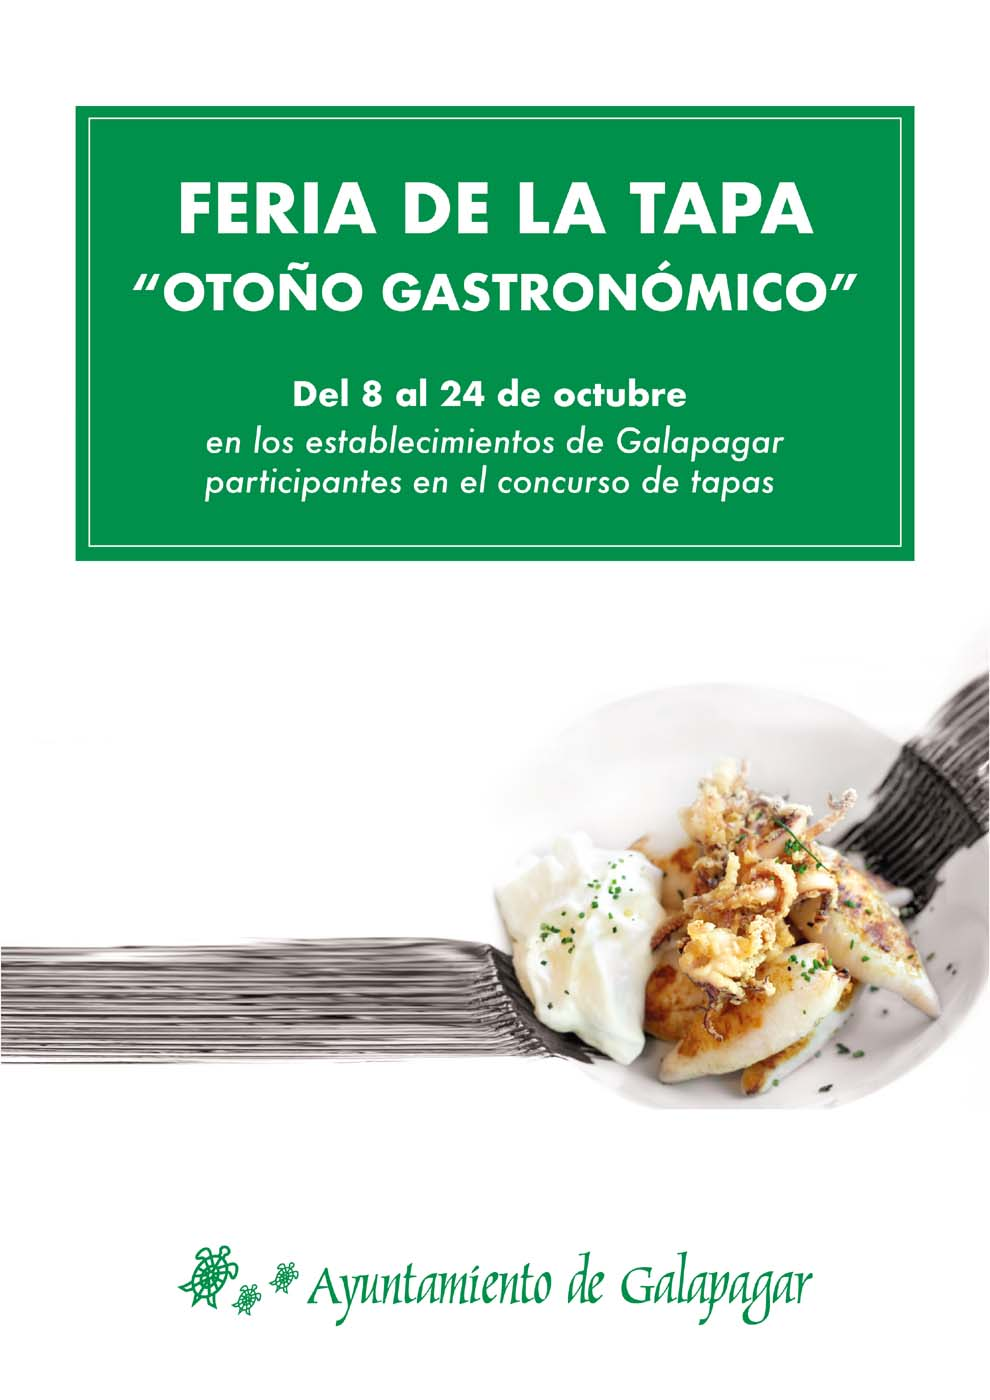 Cartel de la Feria de la Tapa de Galapagar 2021